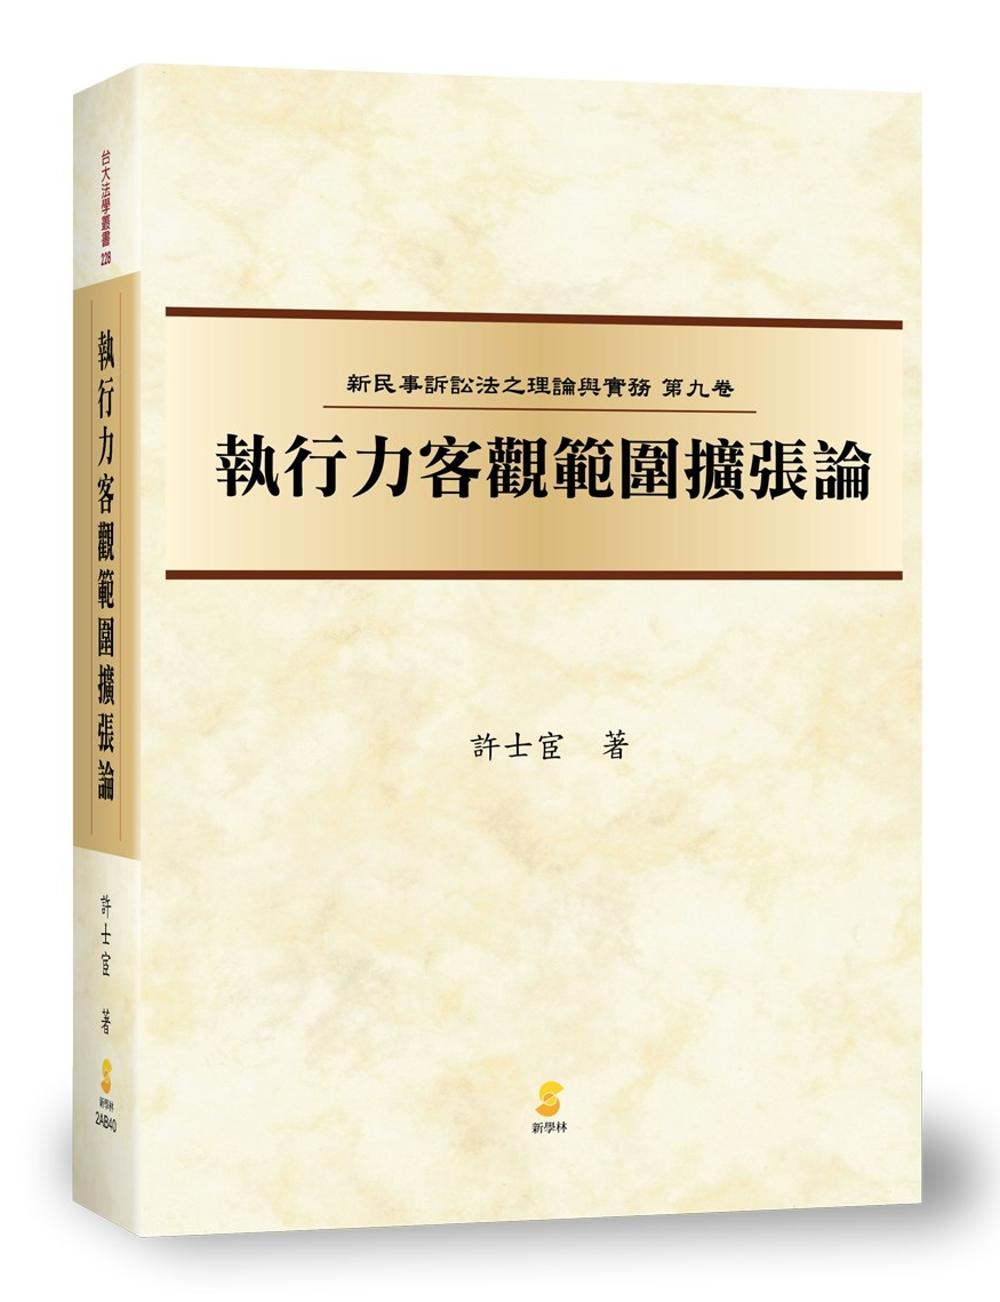 (新民訴九)執行...